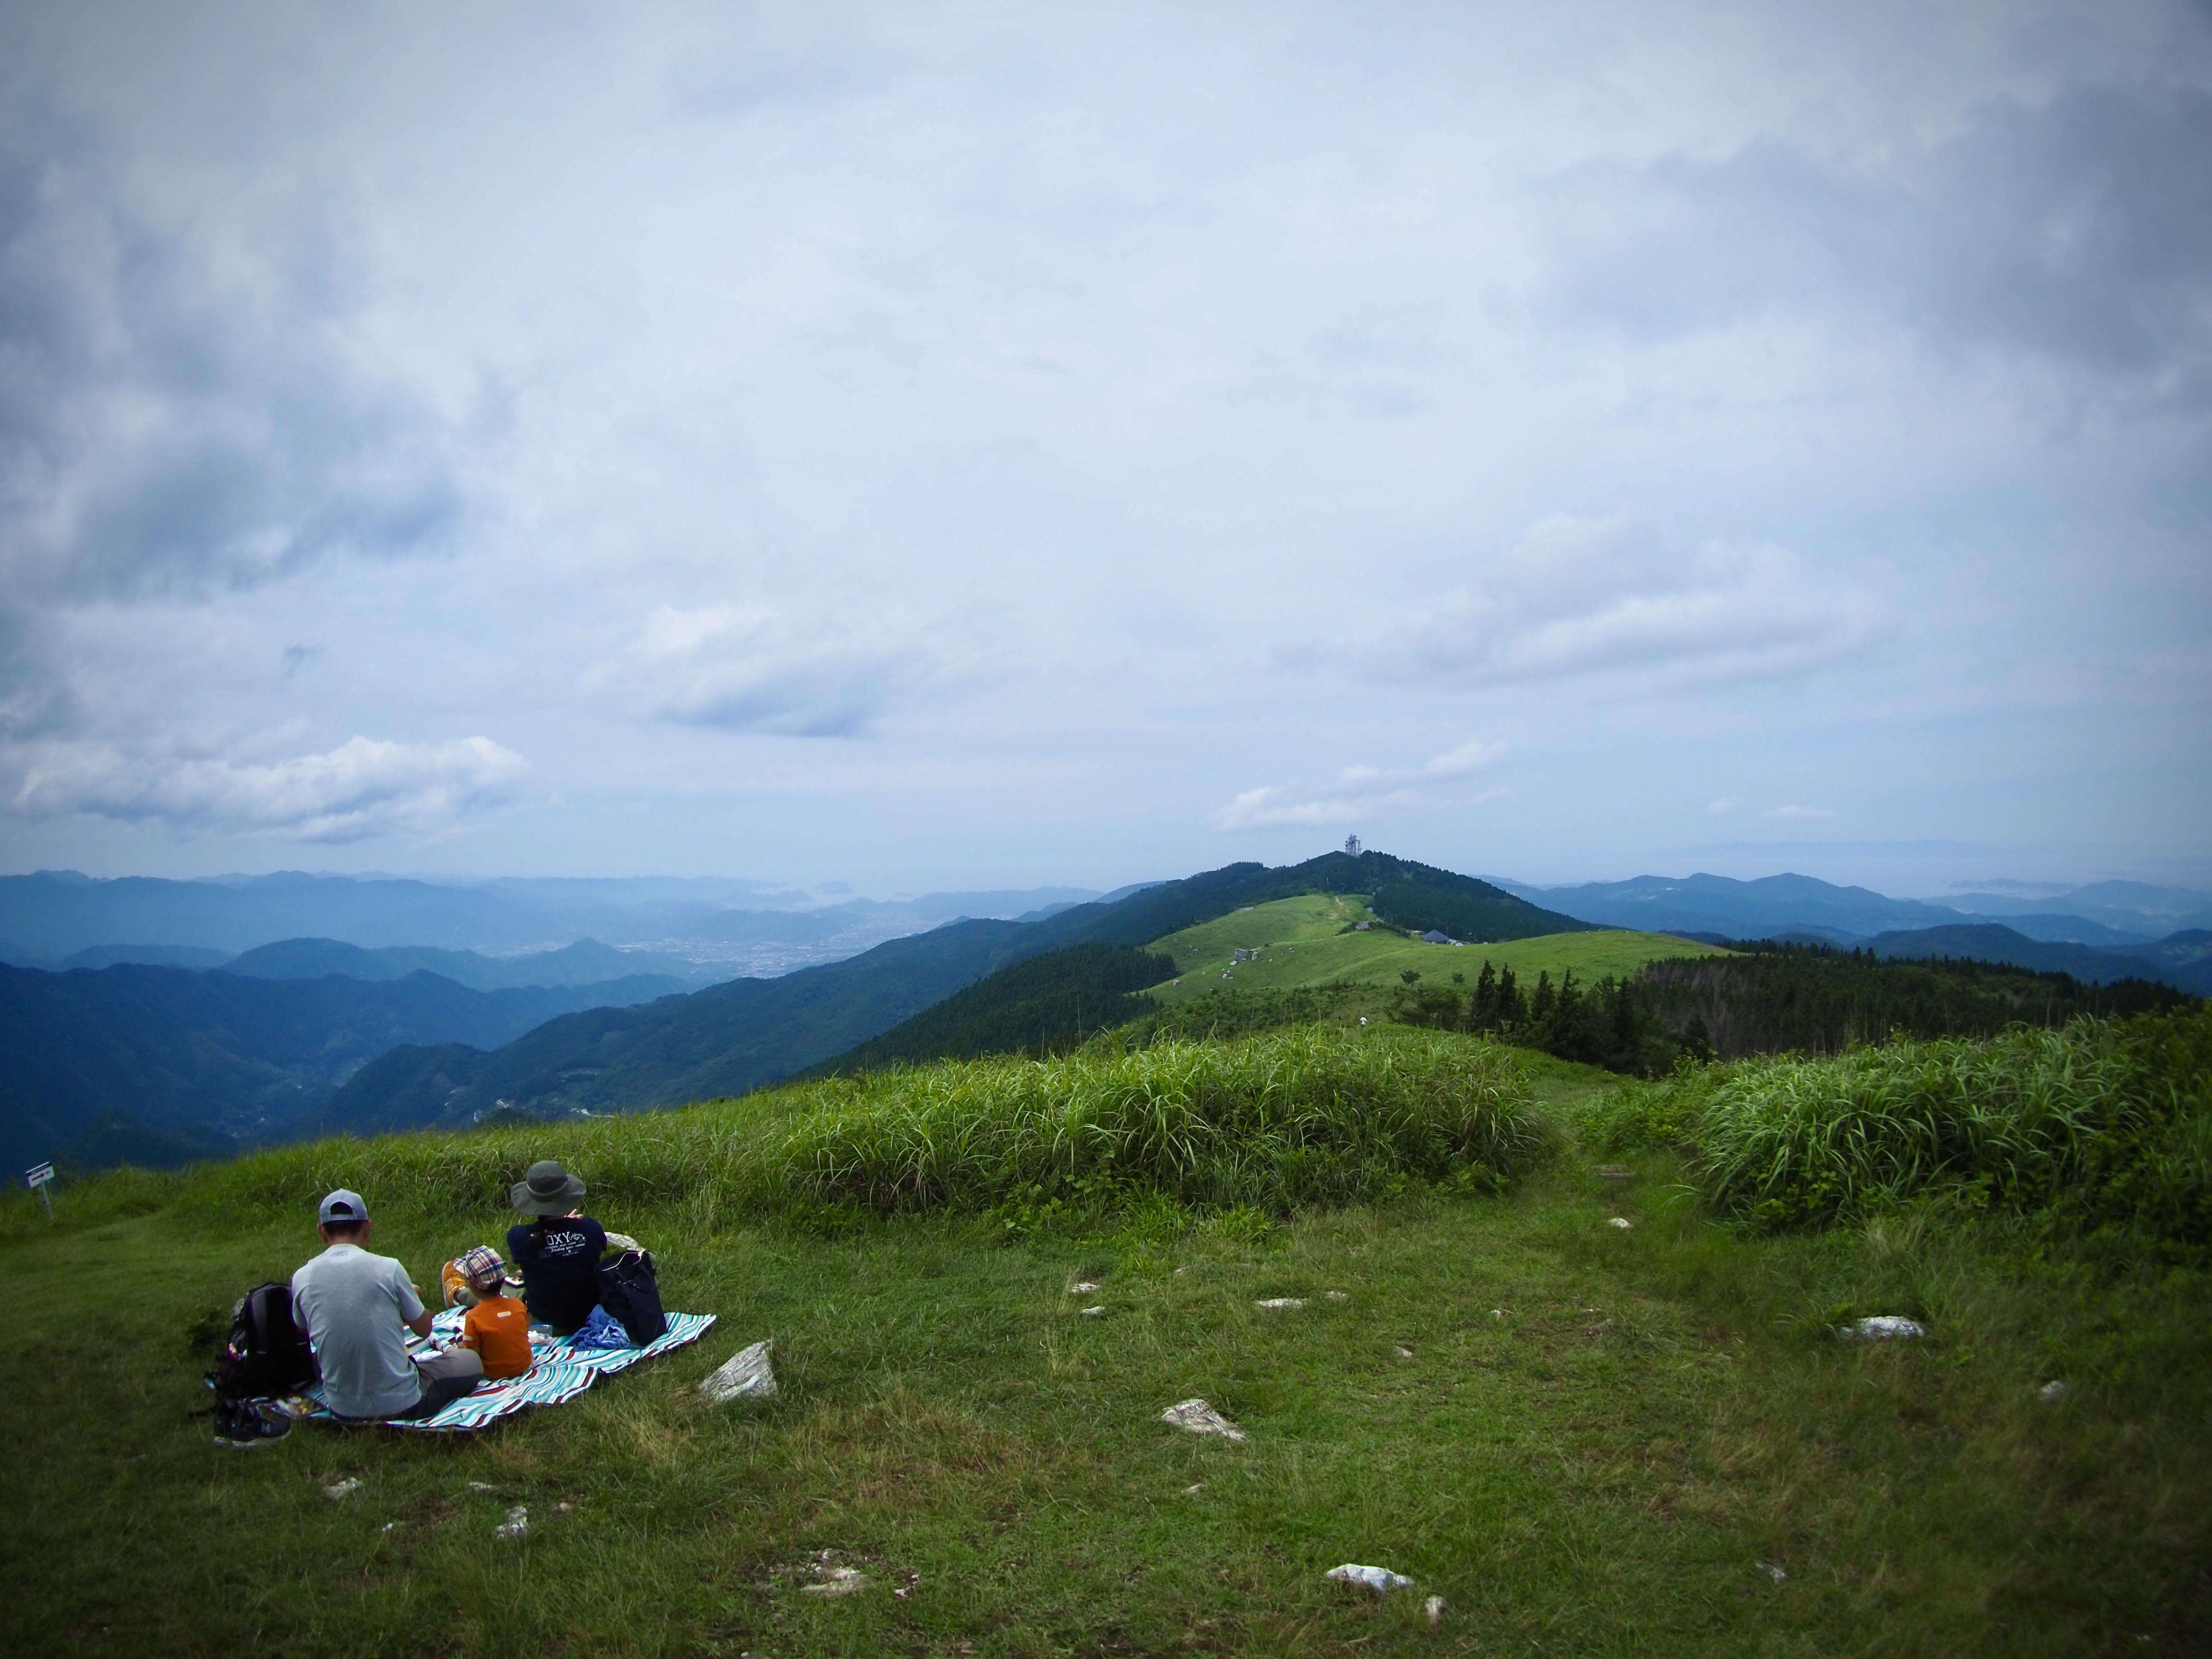 ぴーきち&ダイナ ハーレーブログ 和歌山有田ツーリング 生石高原 頂上の景色